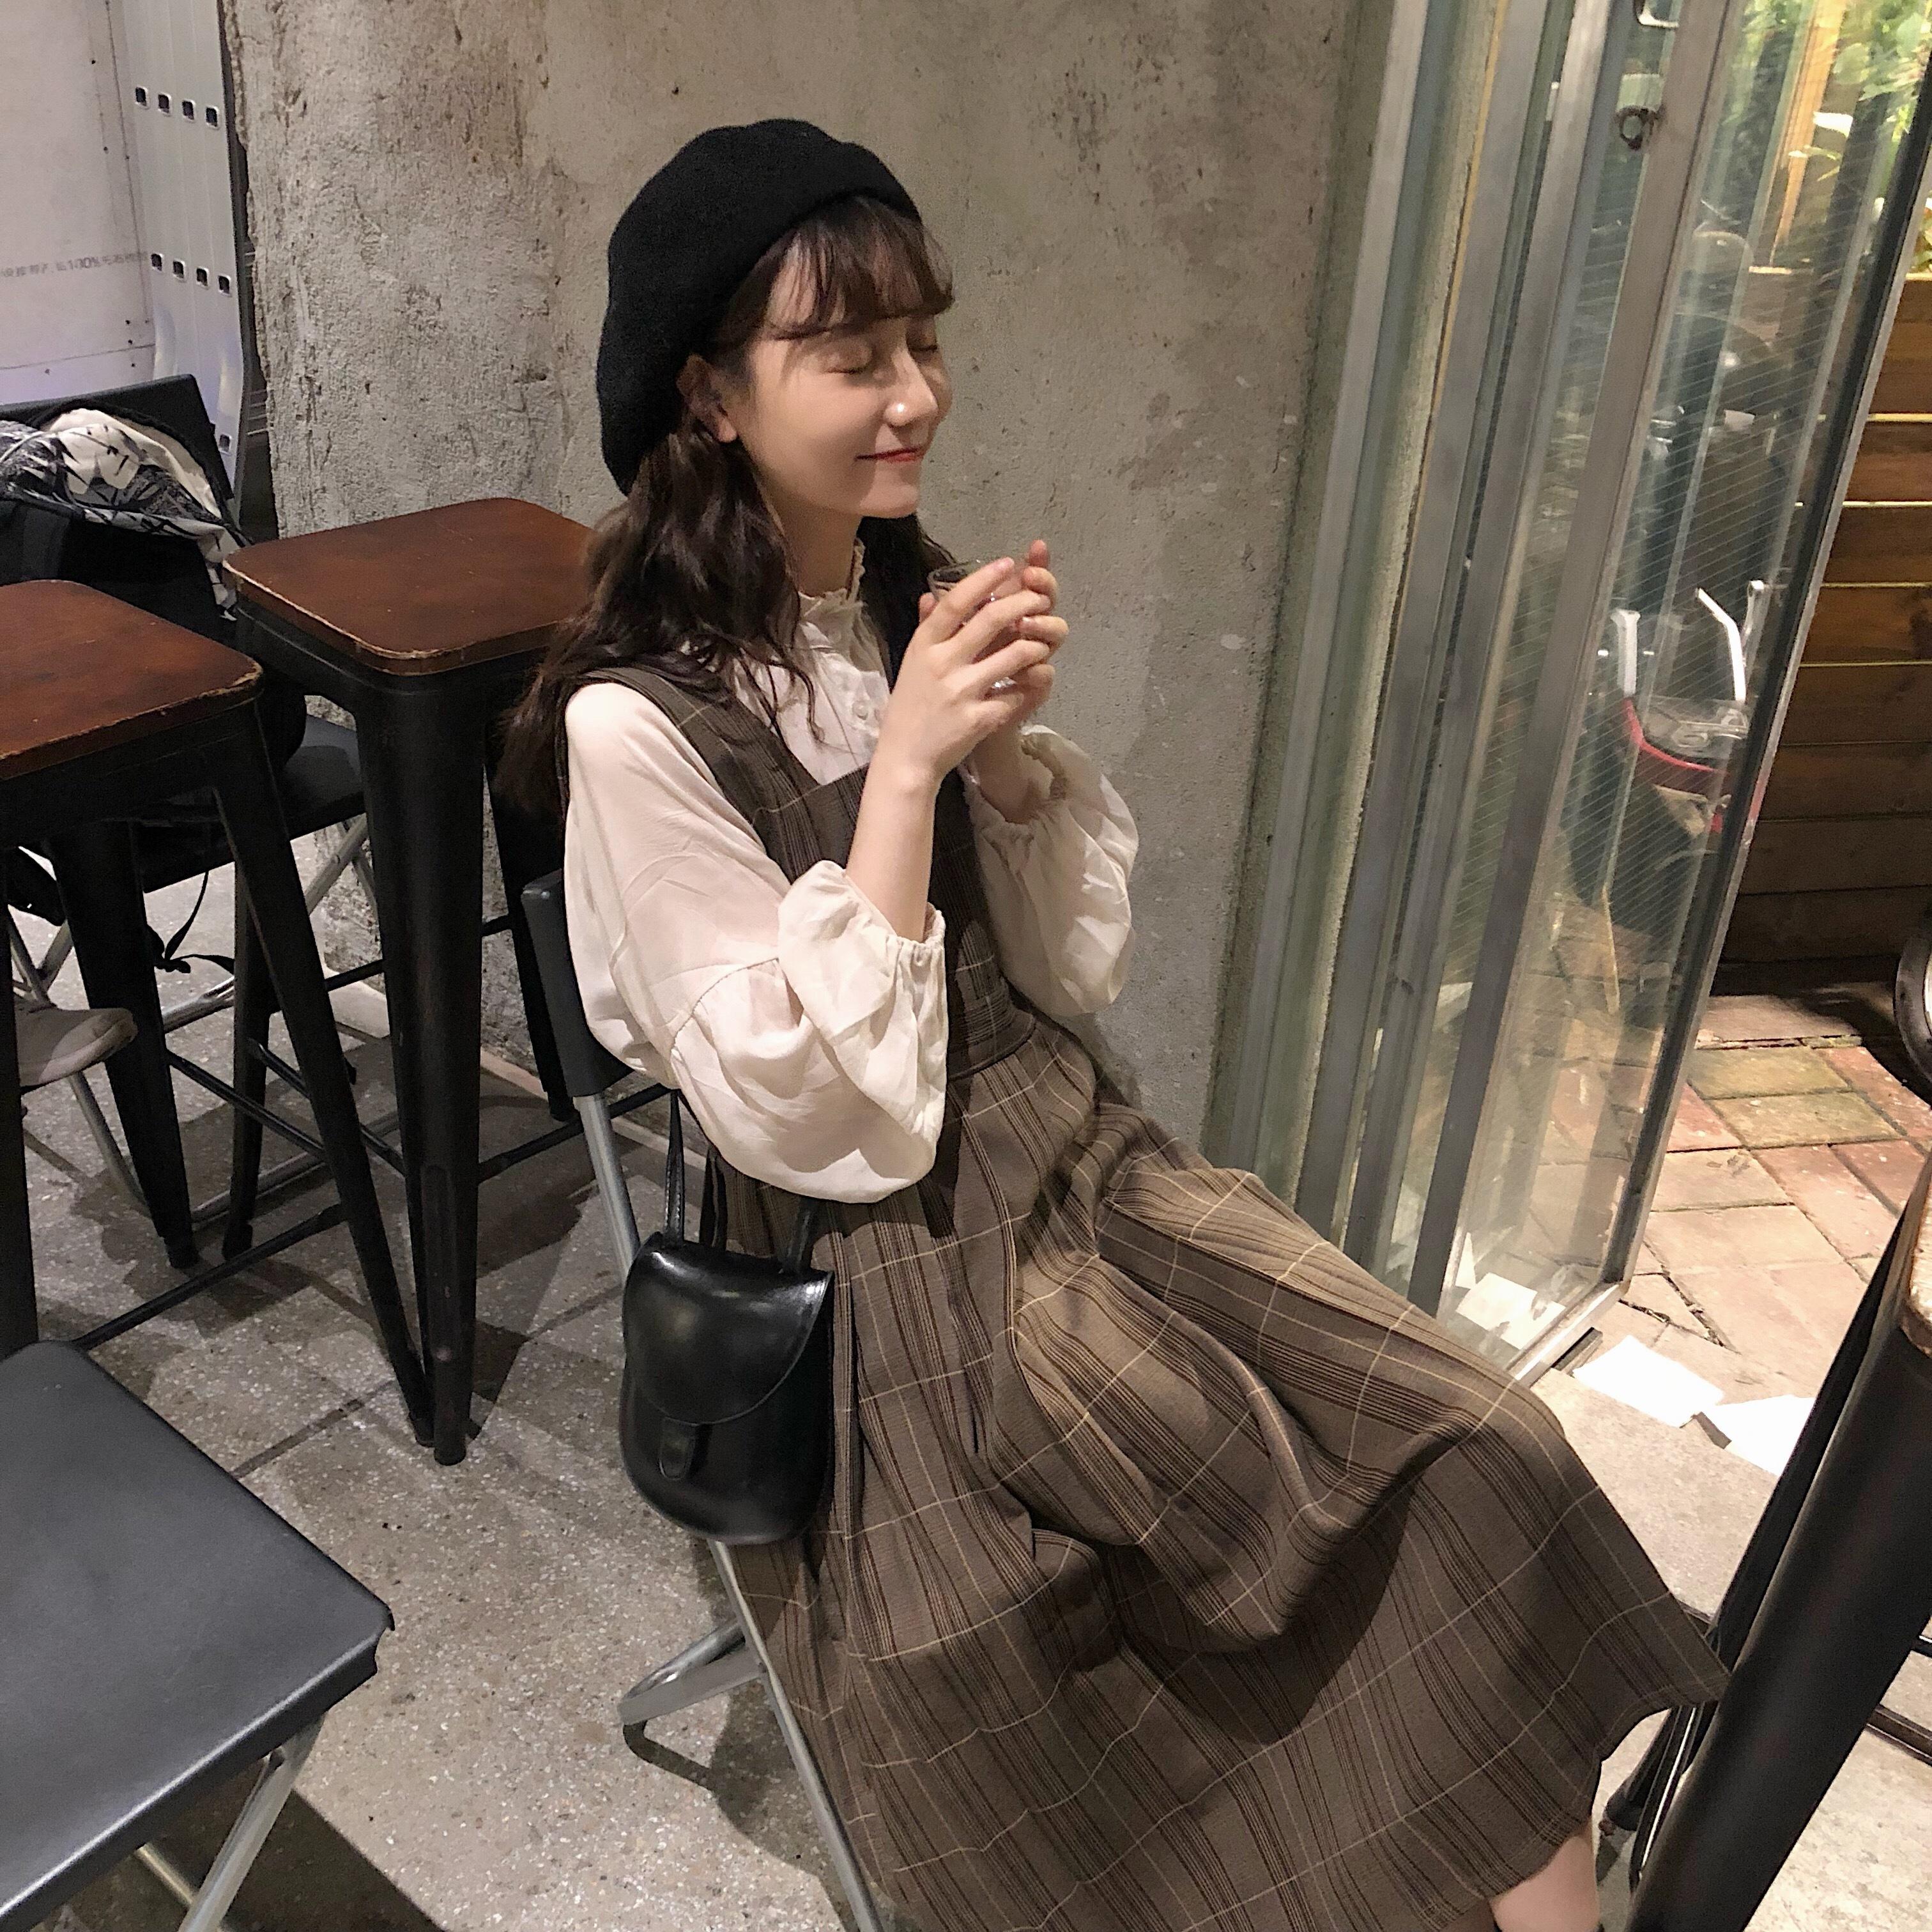 【送料無料】ガーリーコーデに♡ ジャンパースカート&シフォンブラウス 2点セット